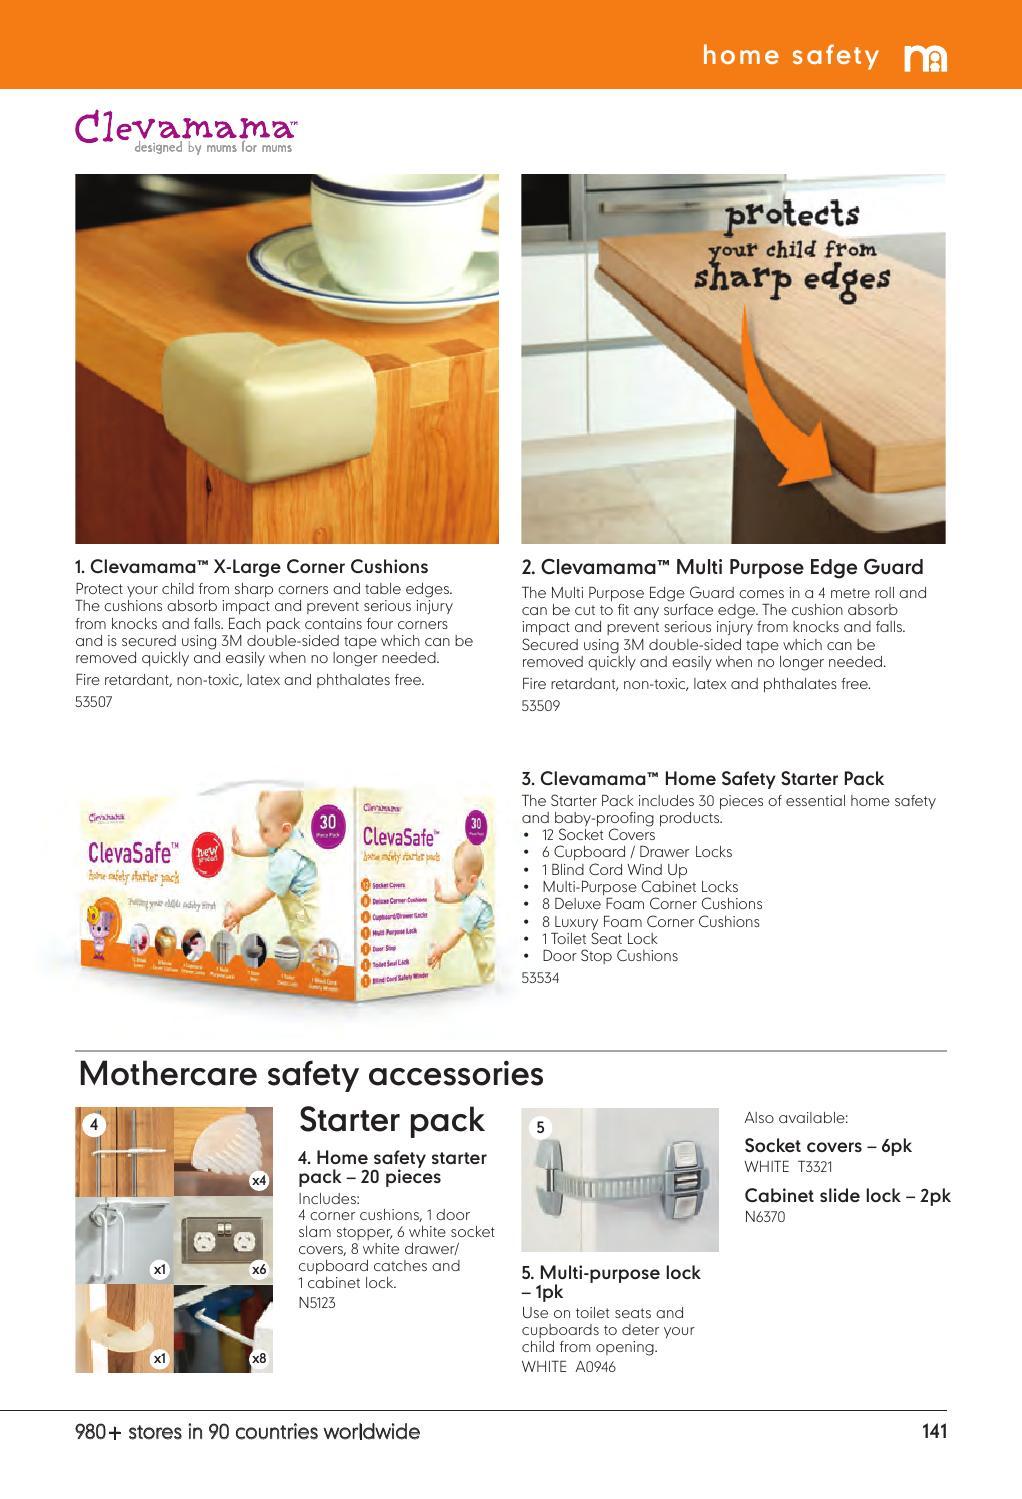 Baby Safety Door Corner Cushion Socket Cover Cupboard Drawer Lock Door Stopper